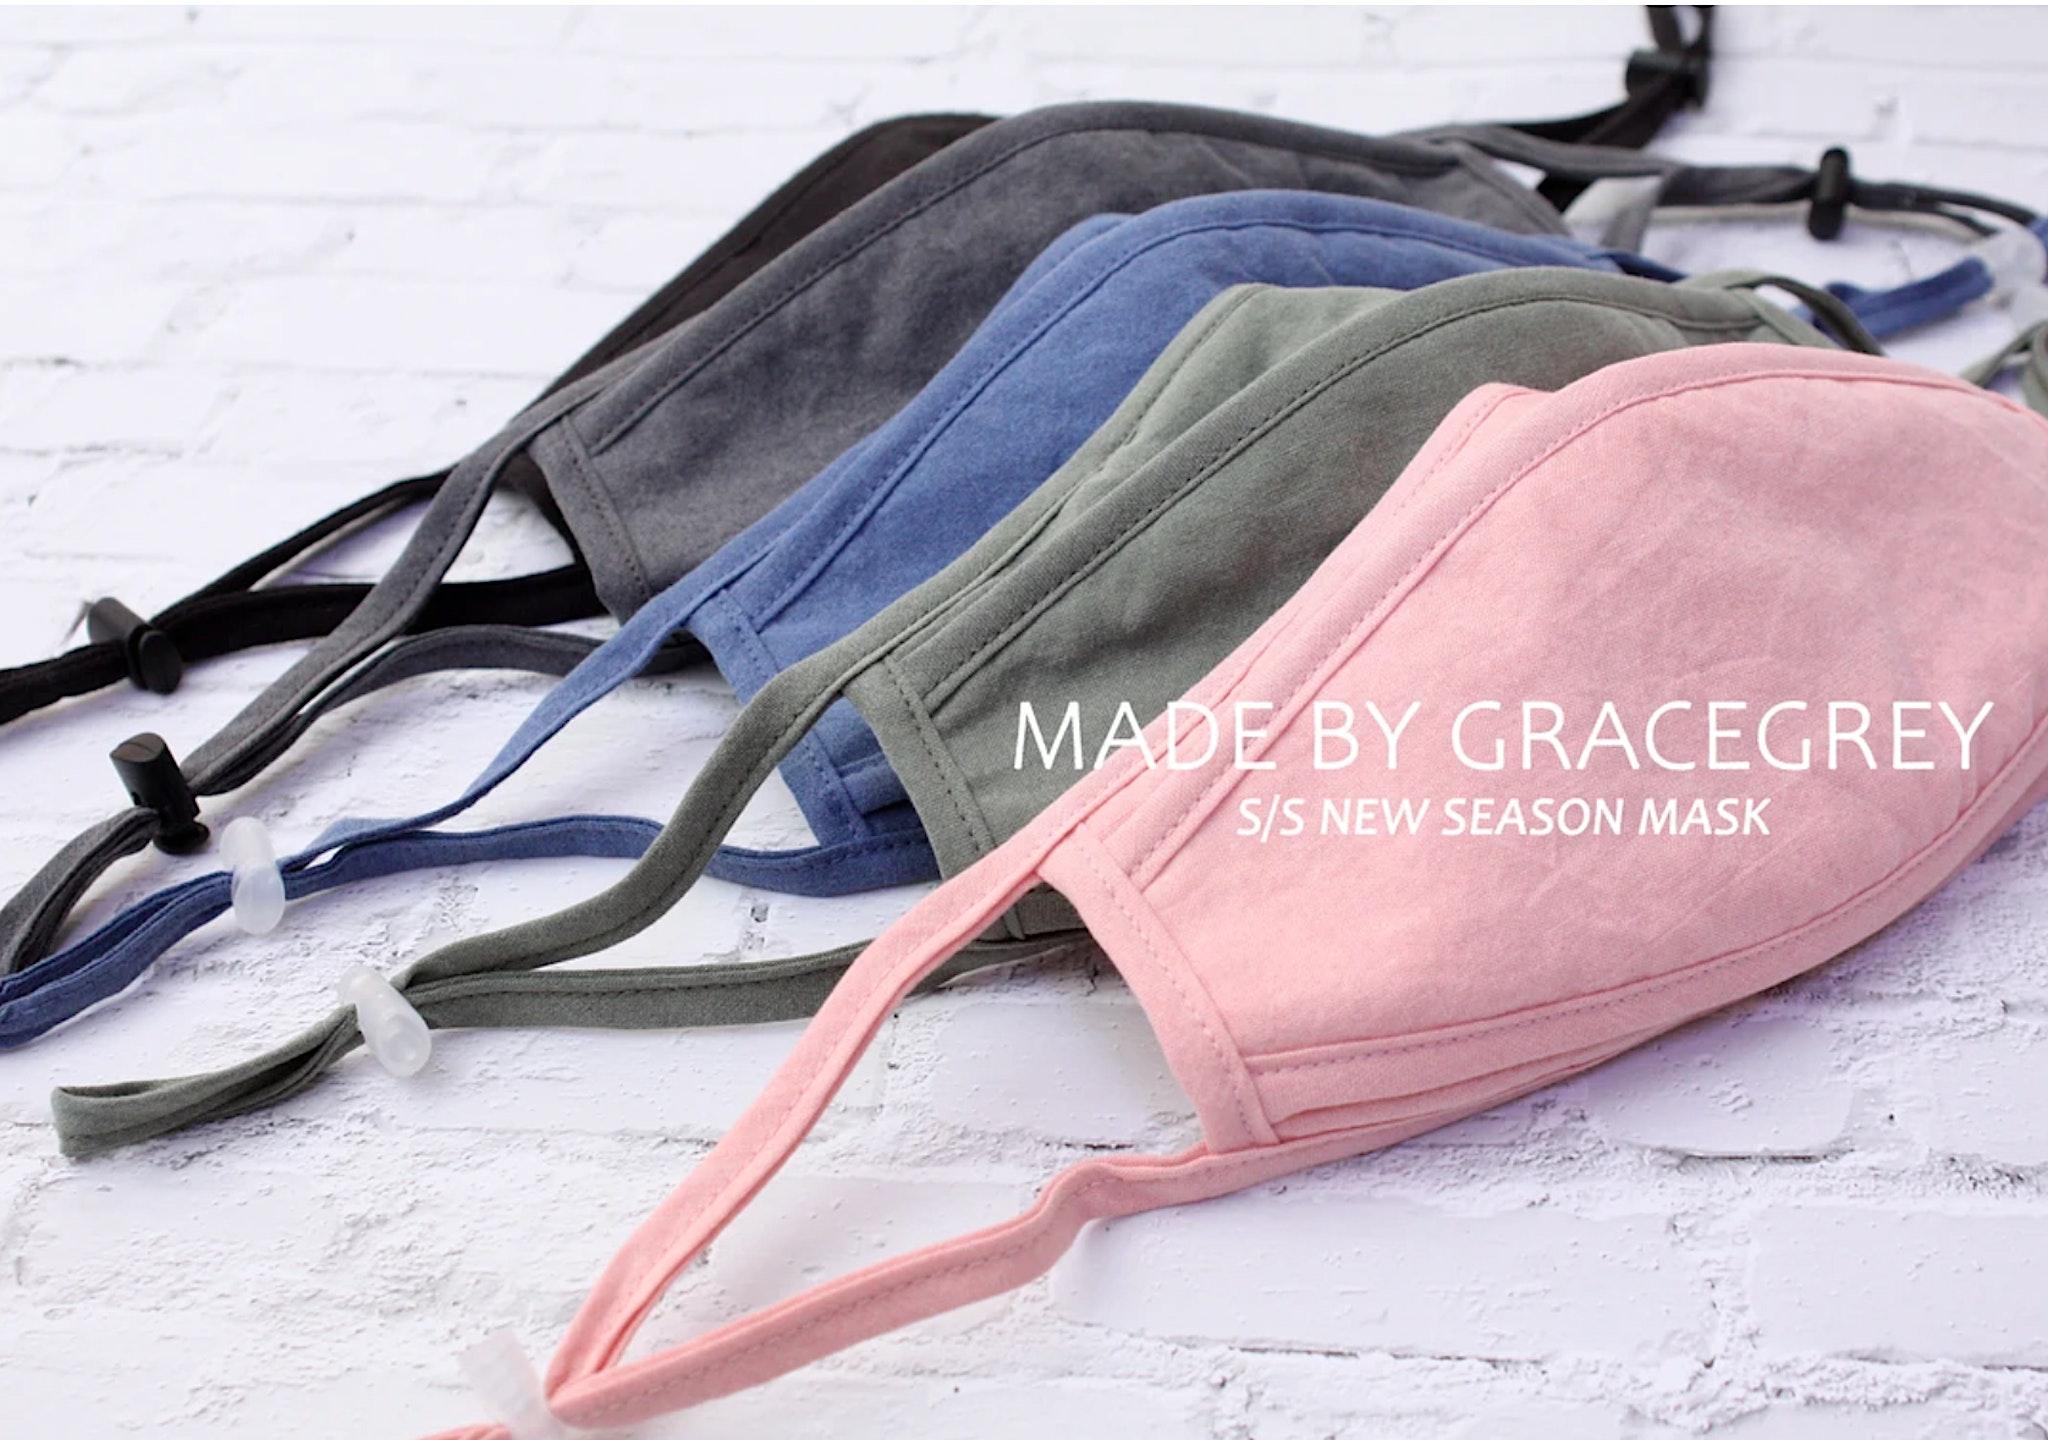 Gracegrey face masks